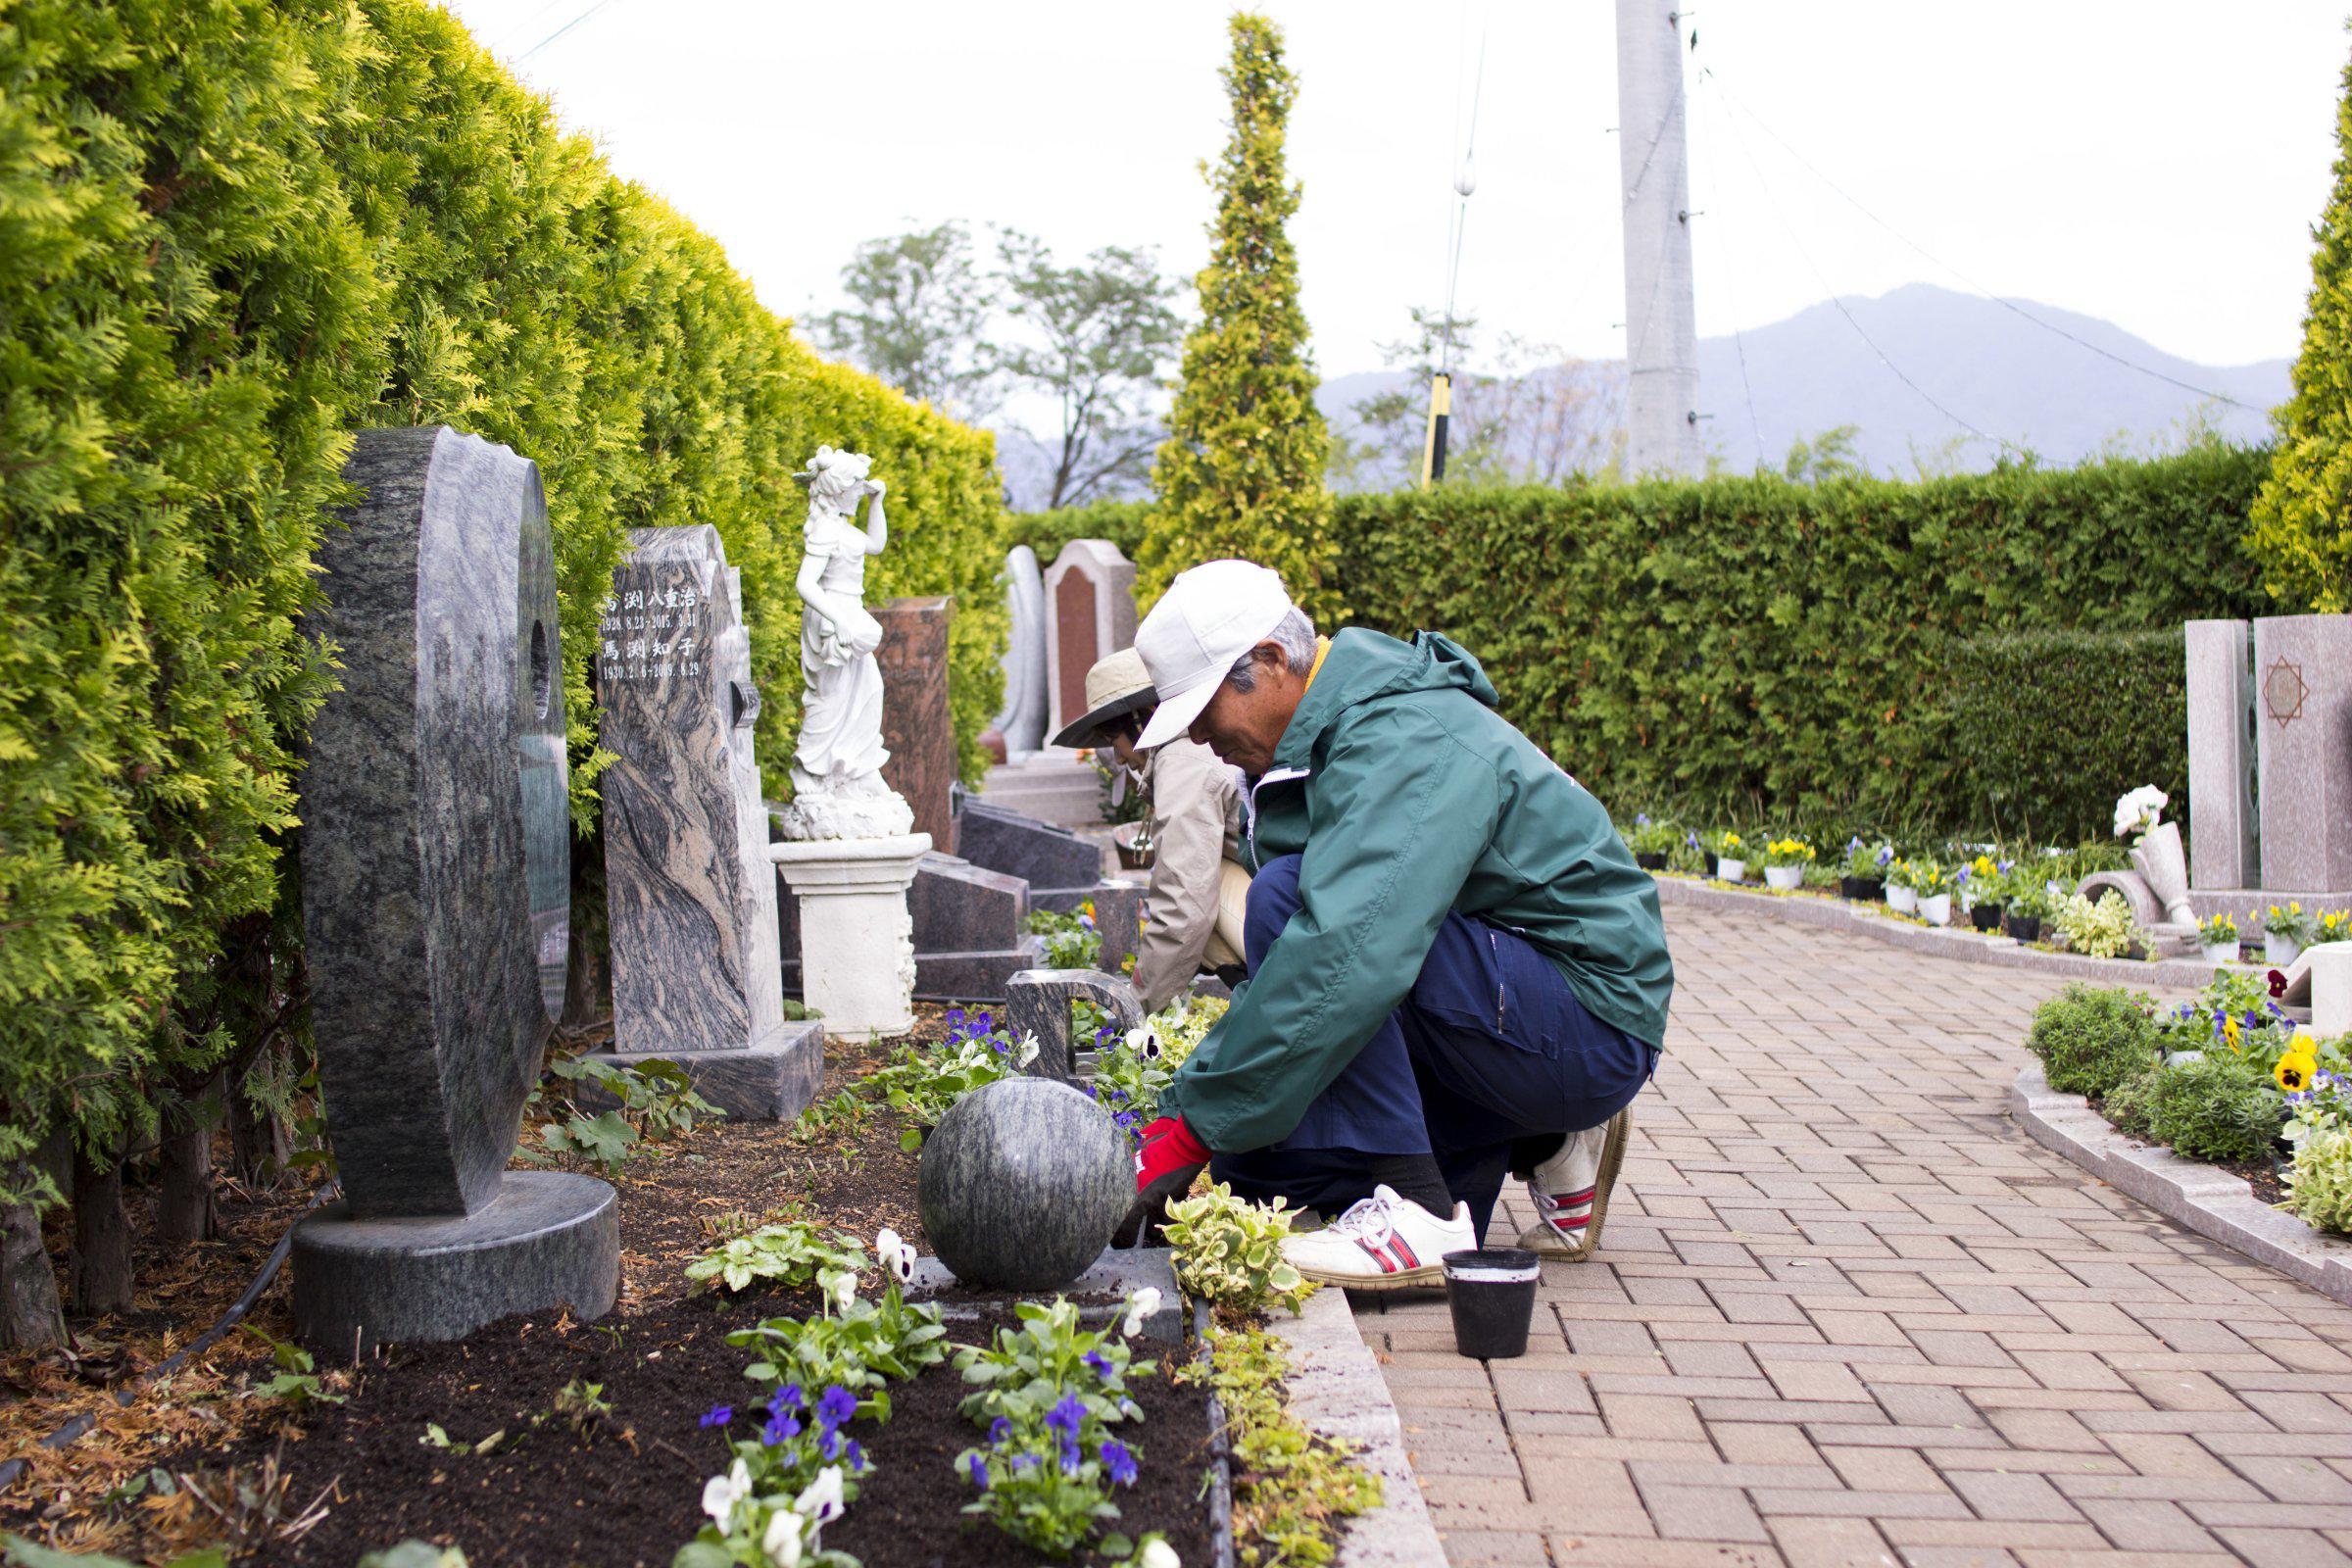 毎日お参りしたくなる公園墓地 開園しました